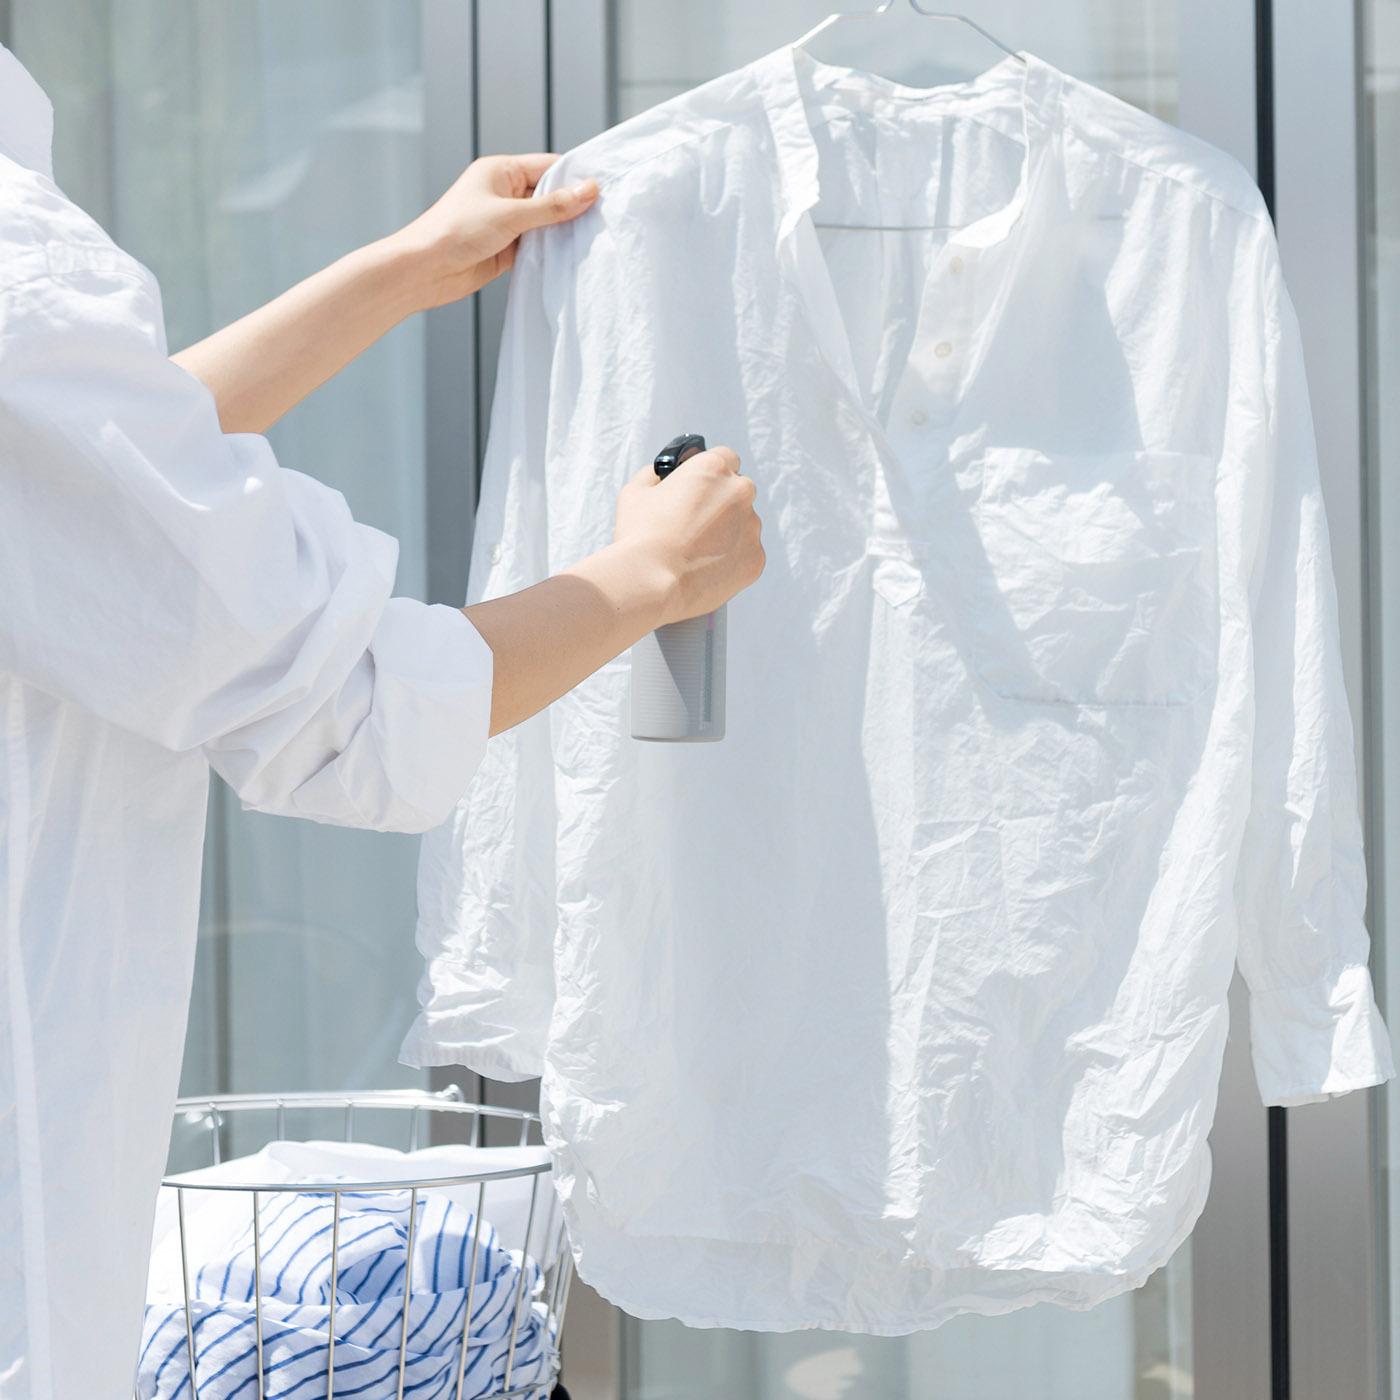 脱水後の衣類に吹き掛けて、パンッとはたいて乾かせば洗いじわが軽減。